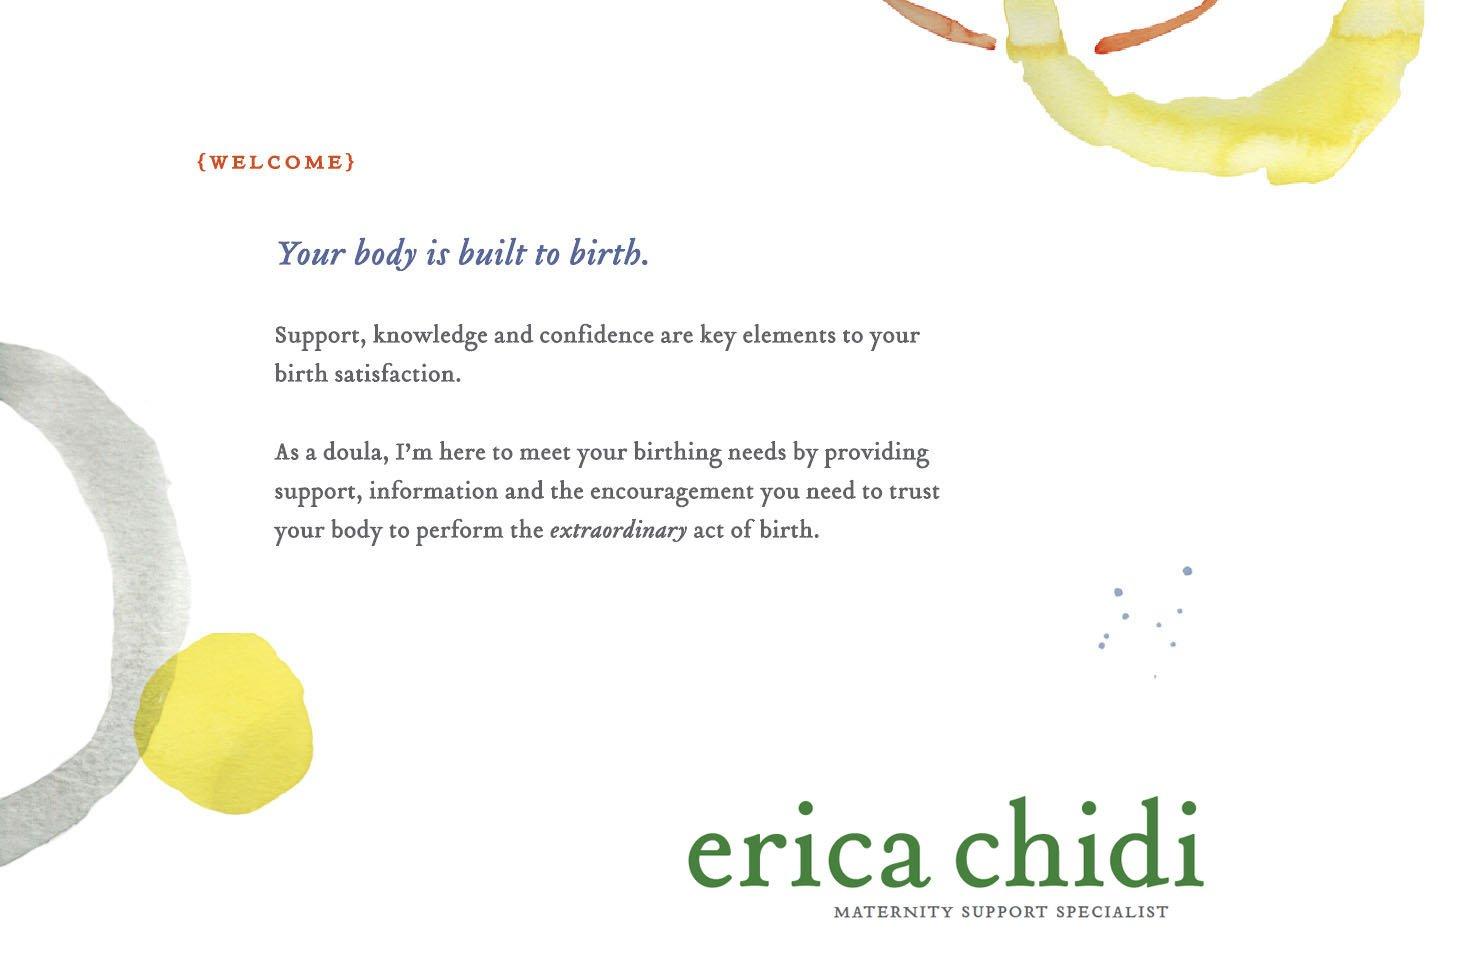 ericachidi-2